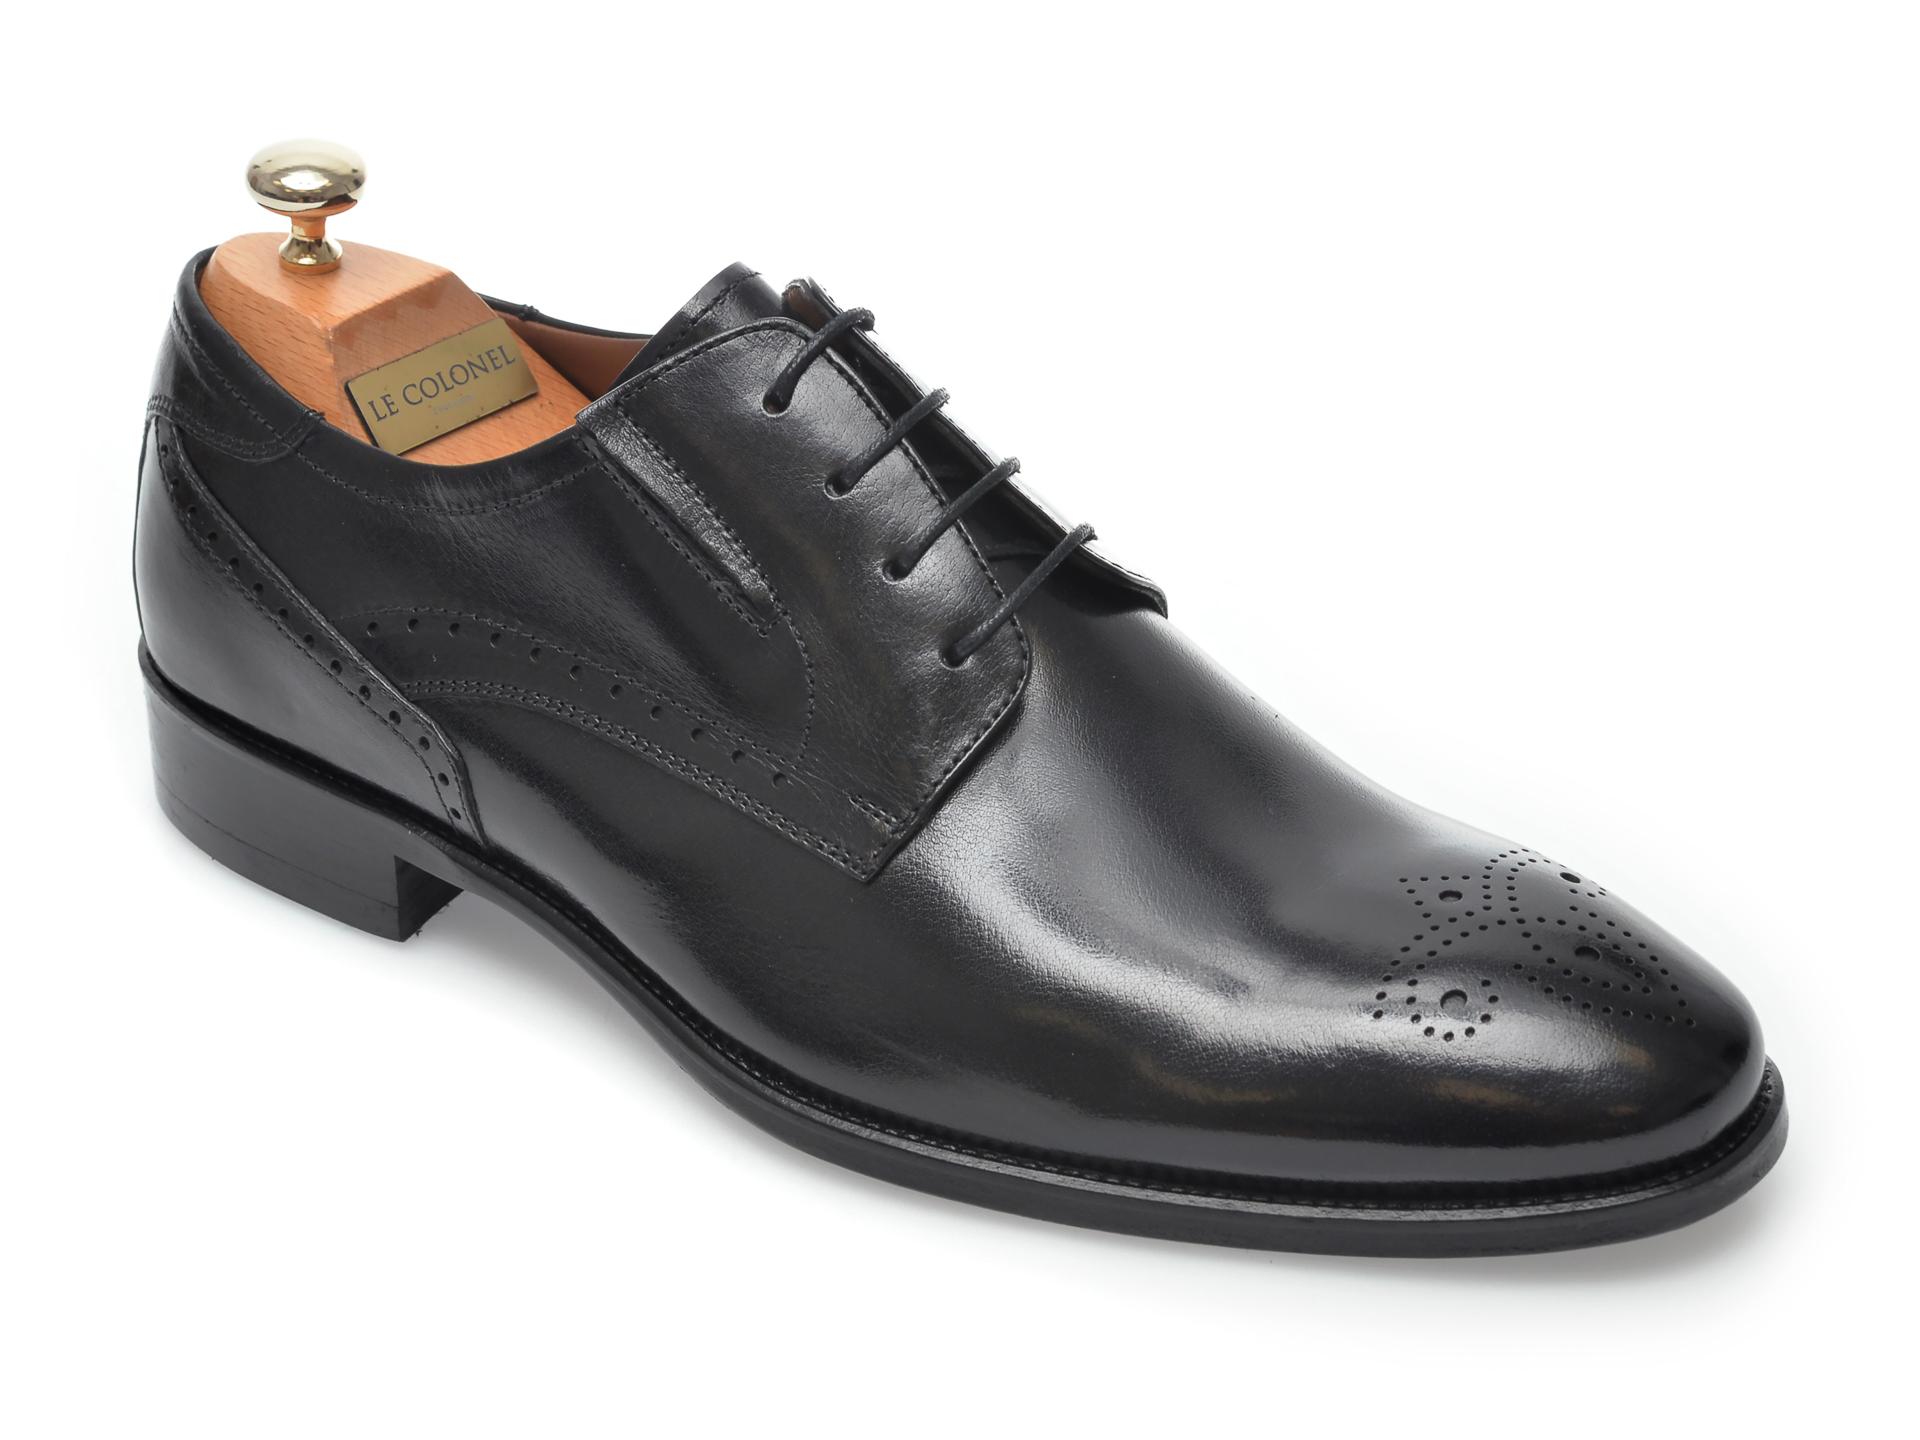 Pantofi LE COLONEL negri, 33850, din piele naturala imagine otter.ro 2021